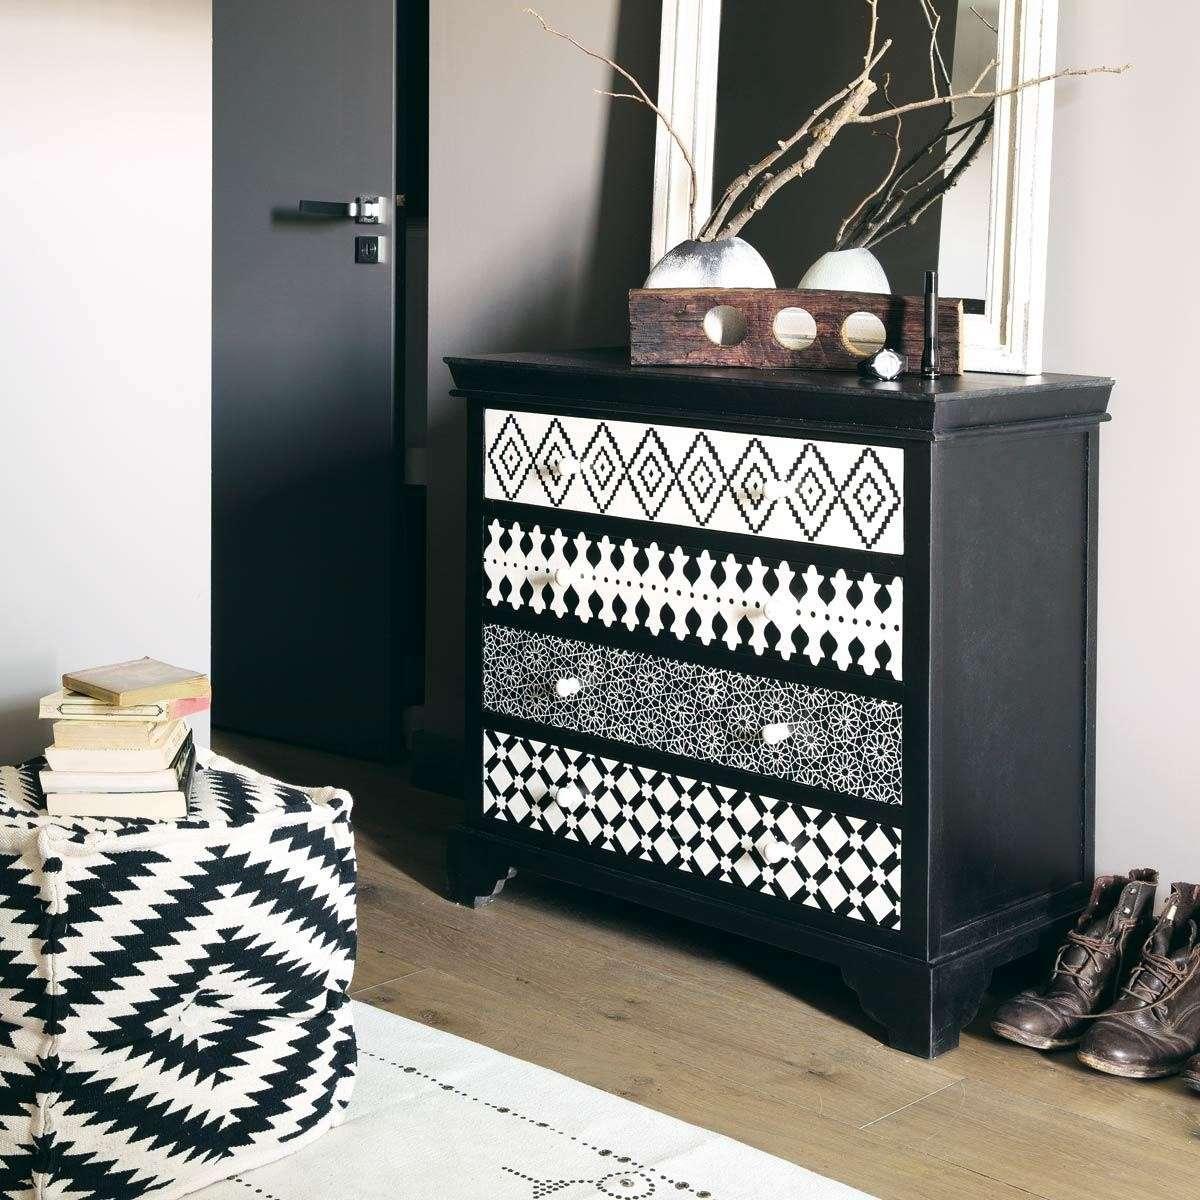 Top 3 des ides pour customiser un meuble   Mikit